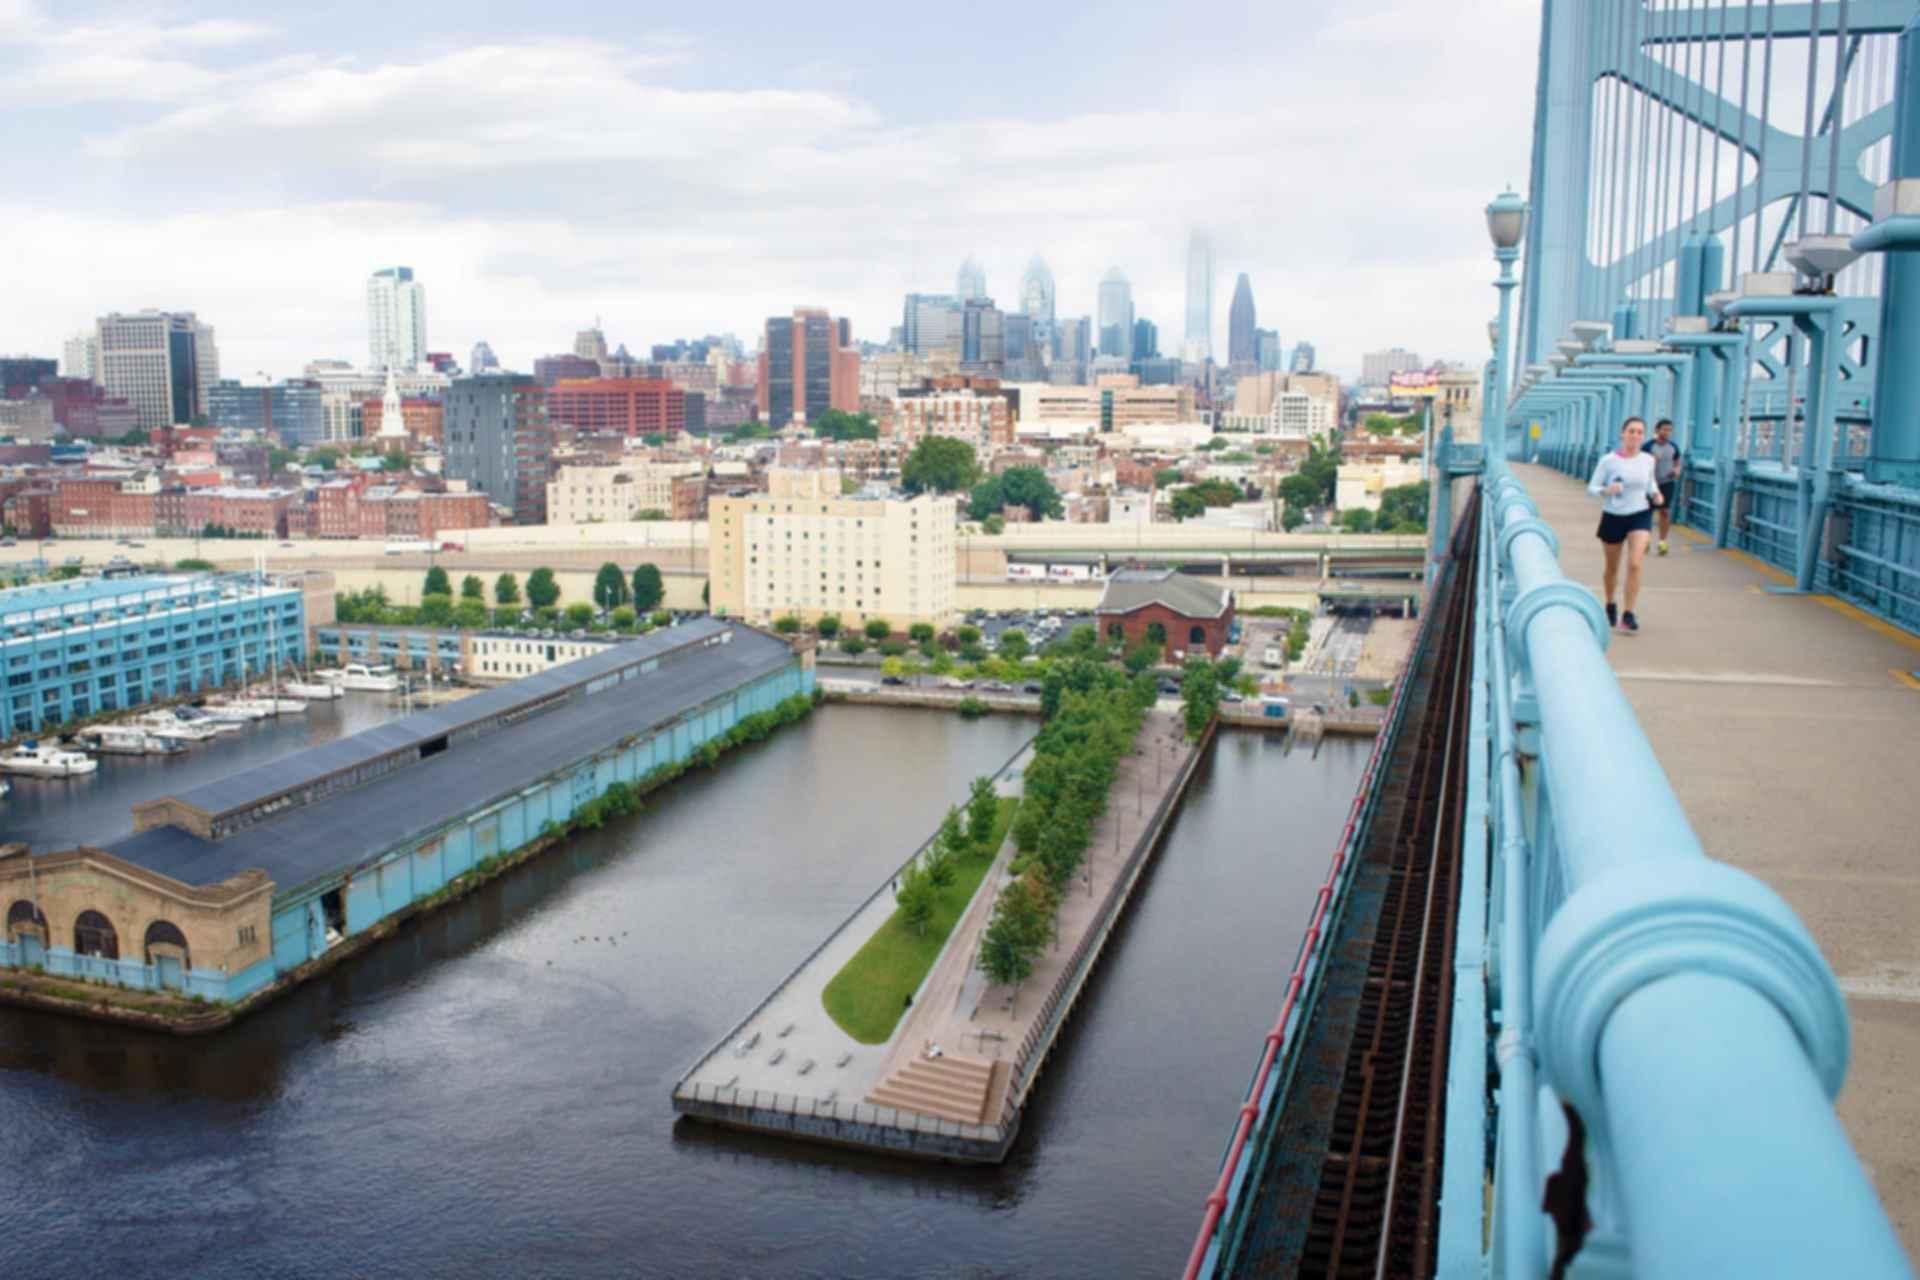 Race Street Pier - Overlooking Pier